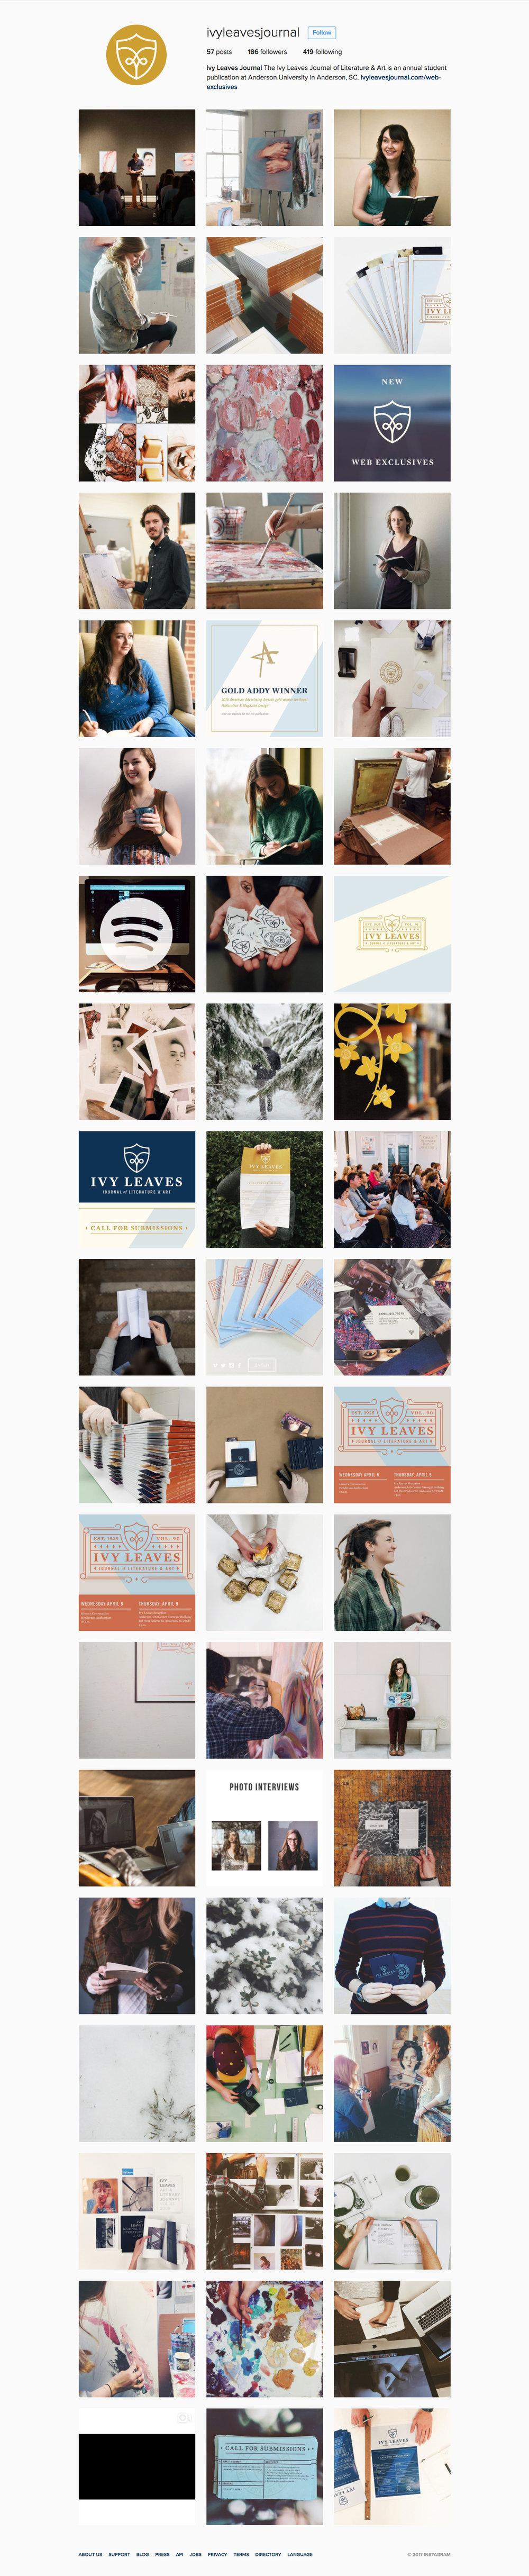 IvyLeaves_Instagram.jpg